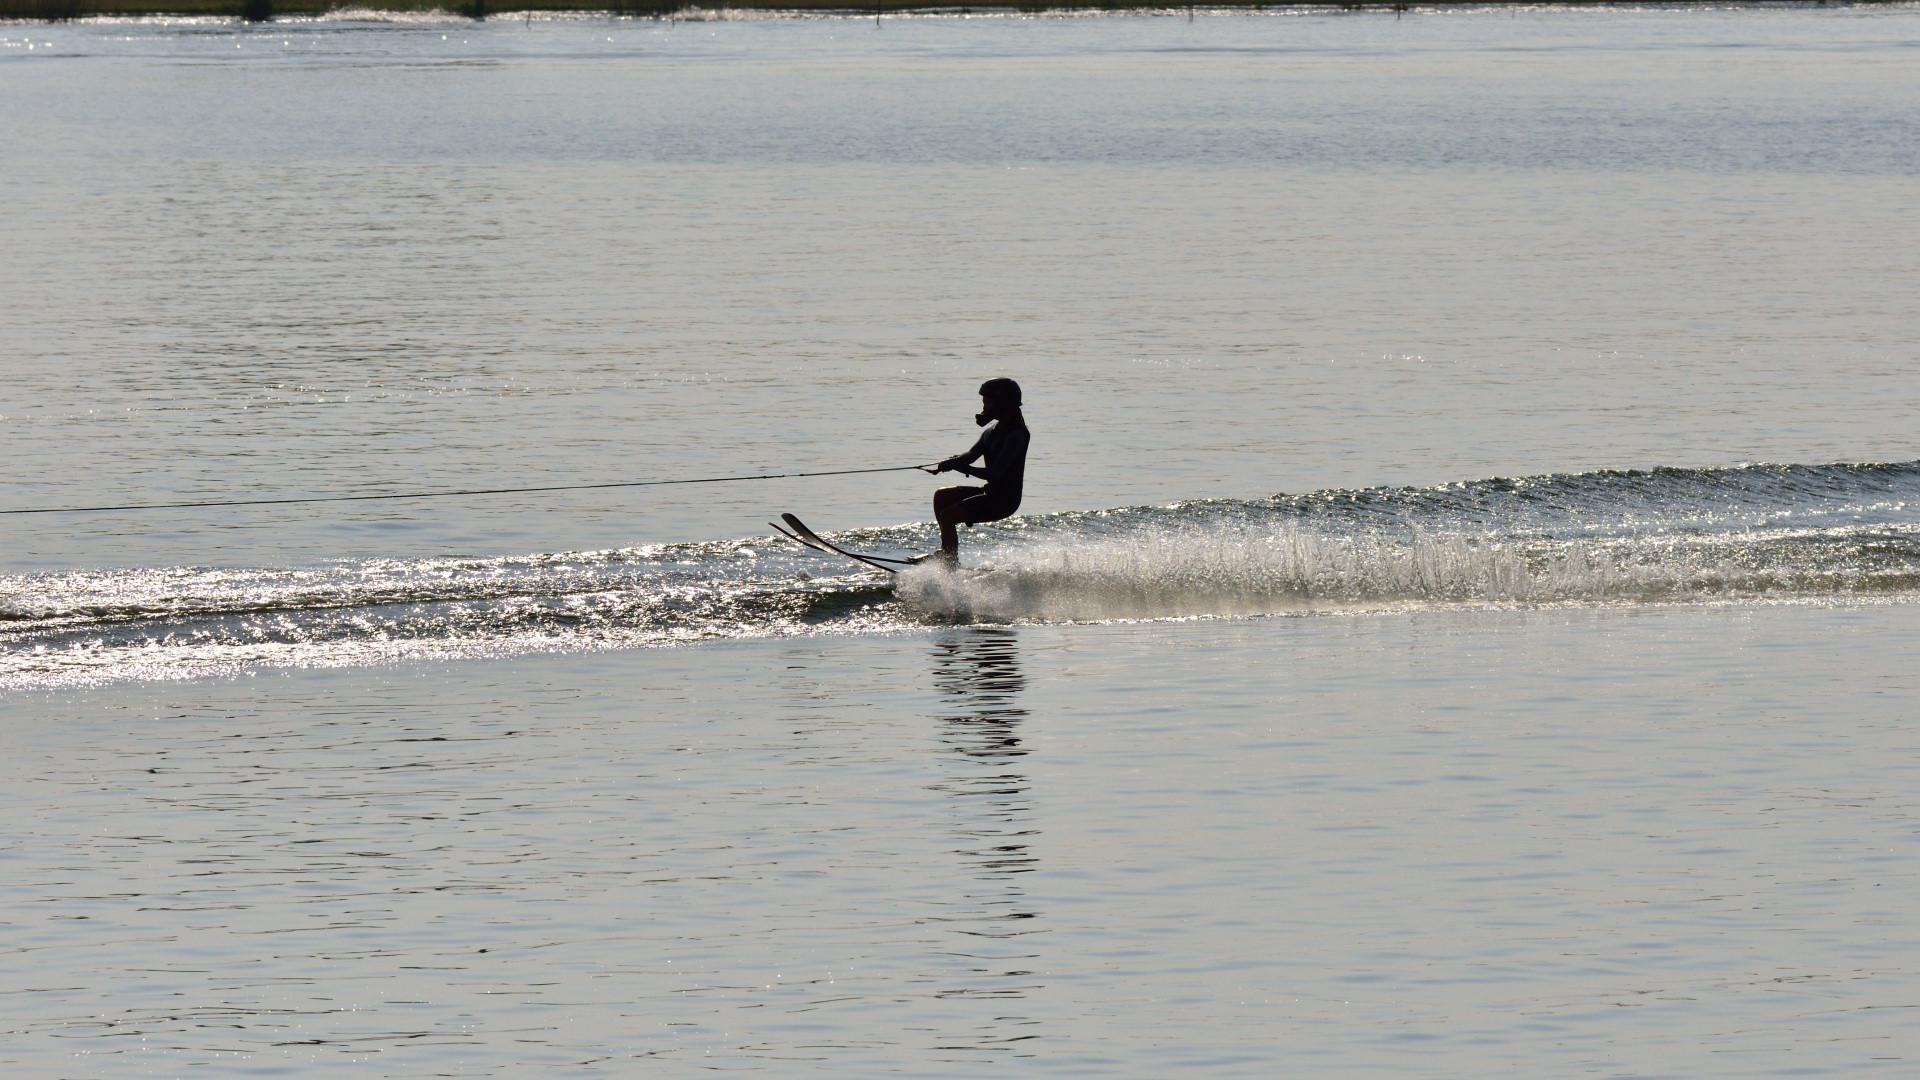 右岸接近の水上スキー、ようやく撮影